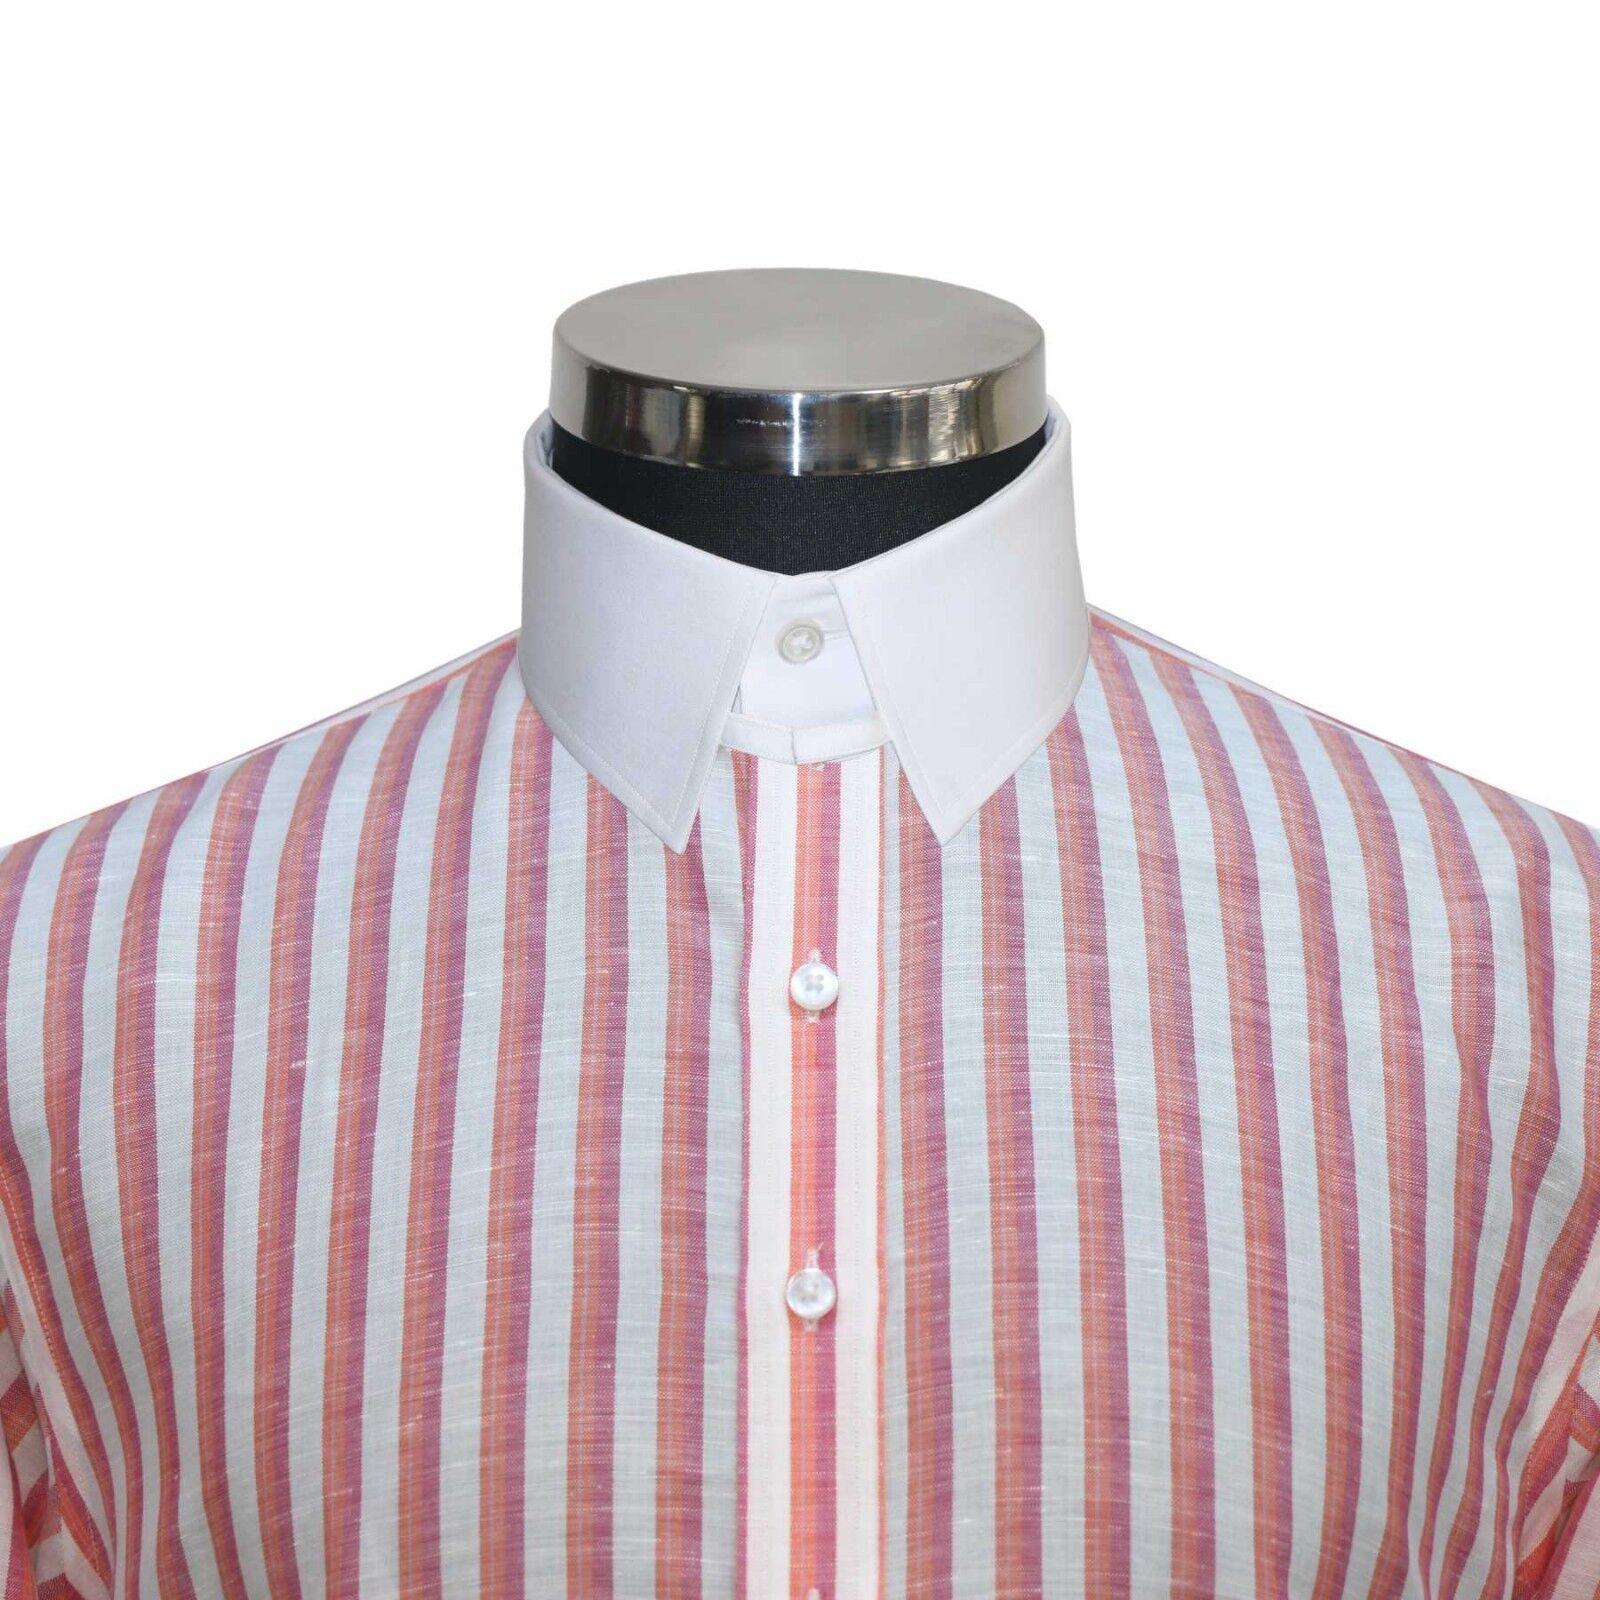 James Bond Herren Loop Kragen Hemden Orange Weißen Streifen Baumwolle Leinen Tab